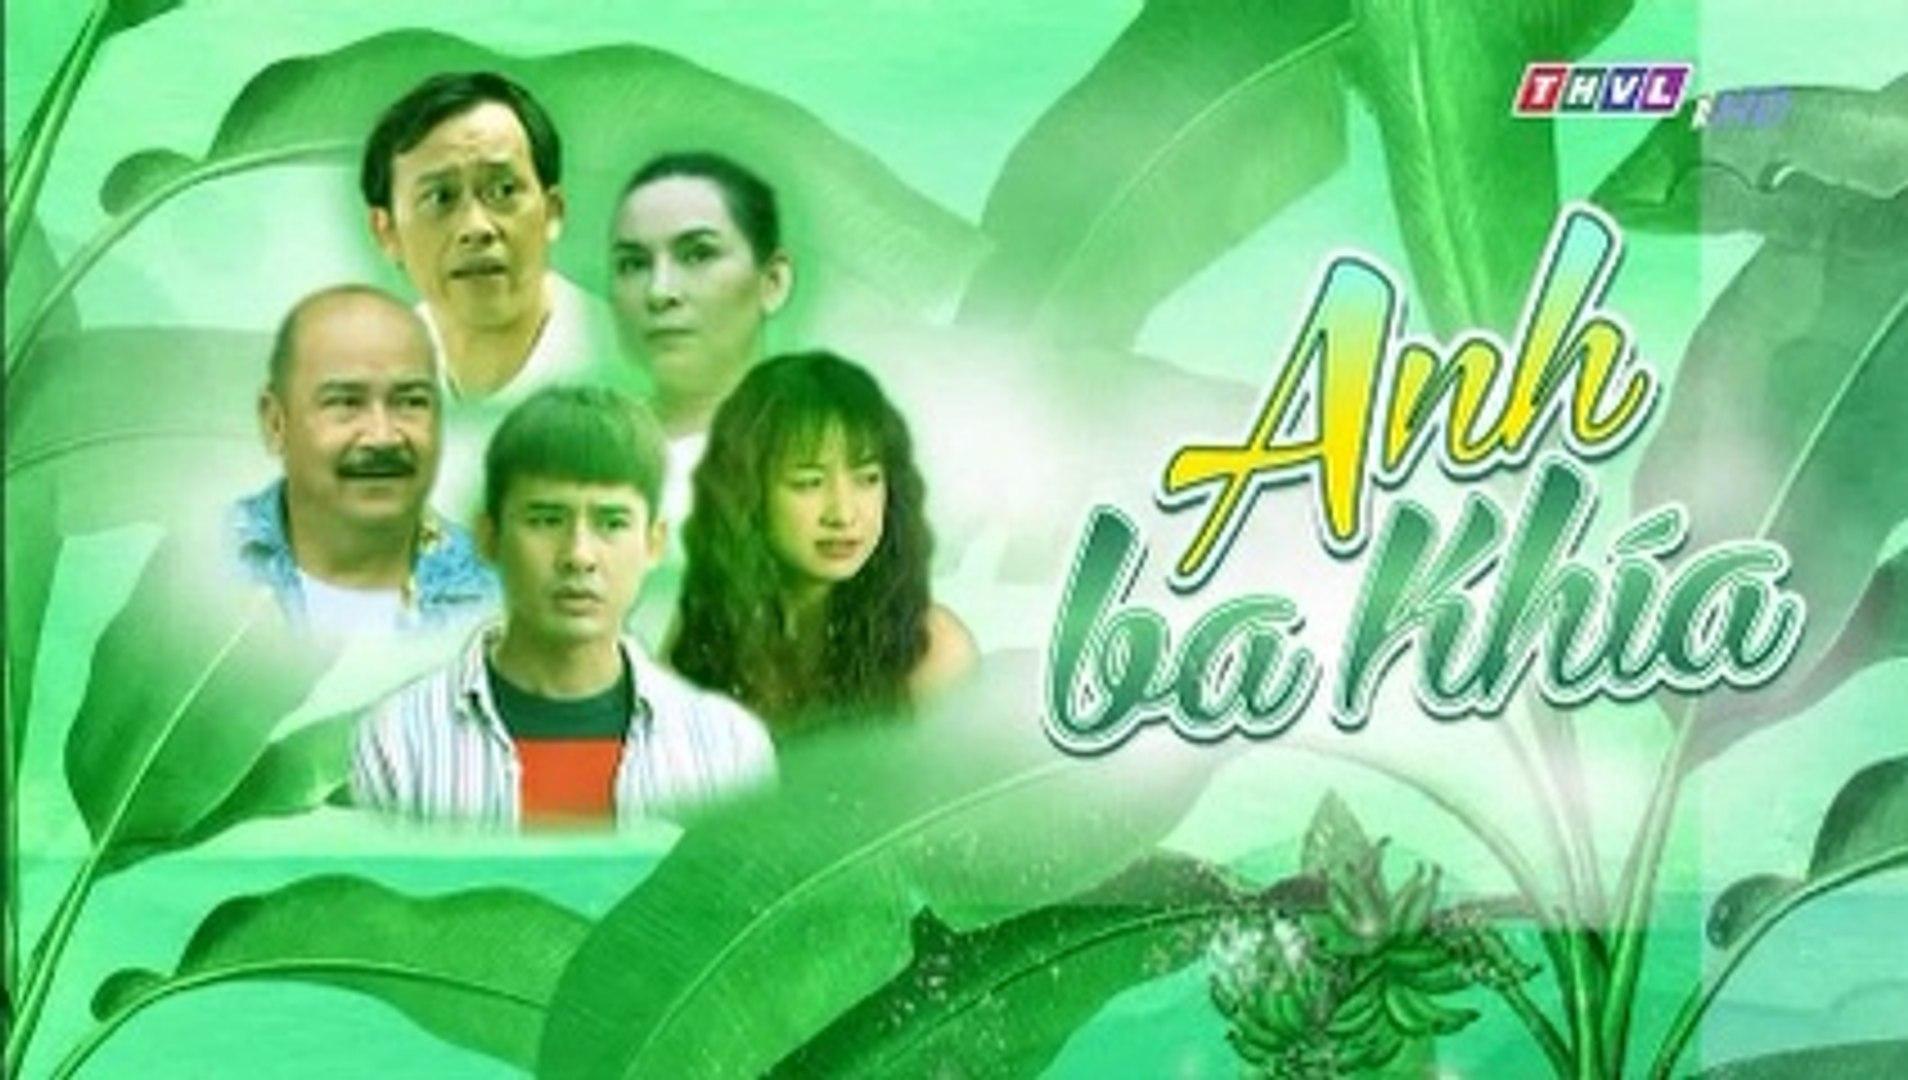 Anh Ba Khía Tập 9 - Phim Việt Nam THVL1 2019-Anh Ba Khía Tập 9full